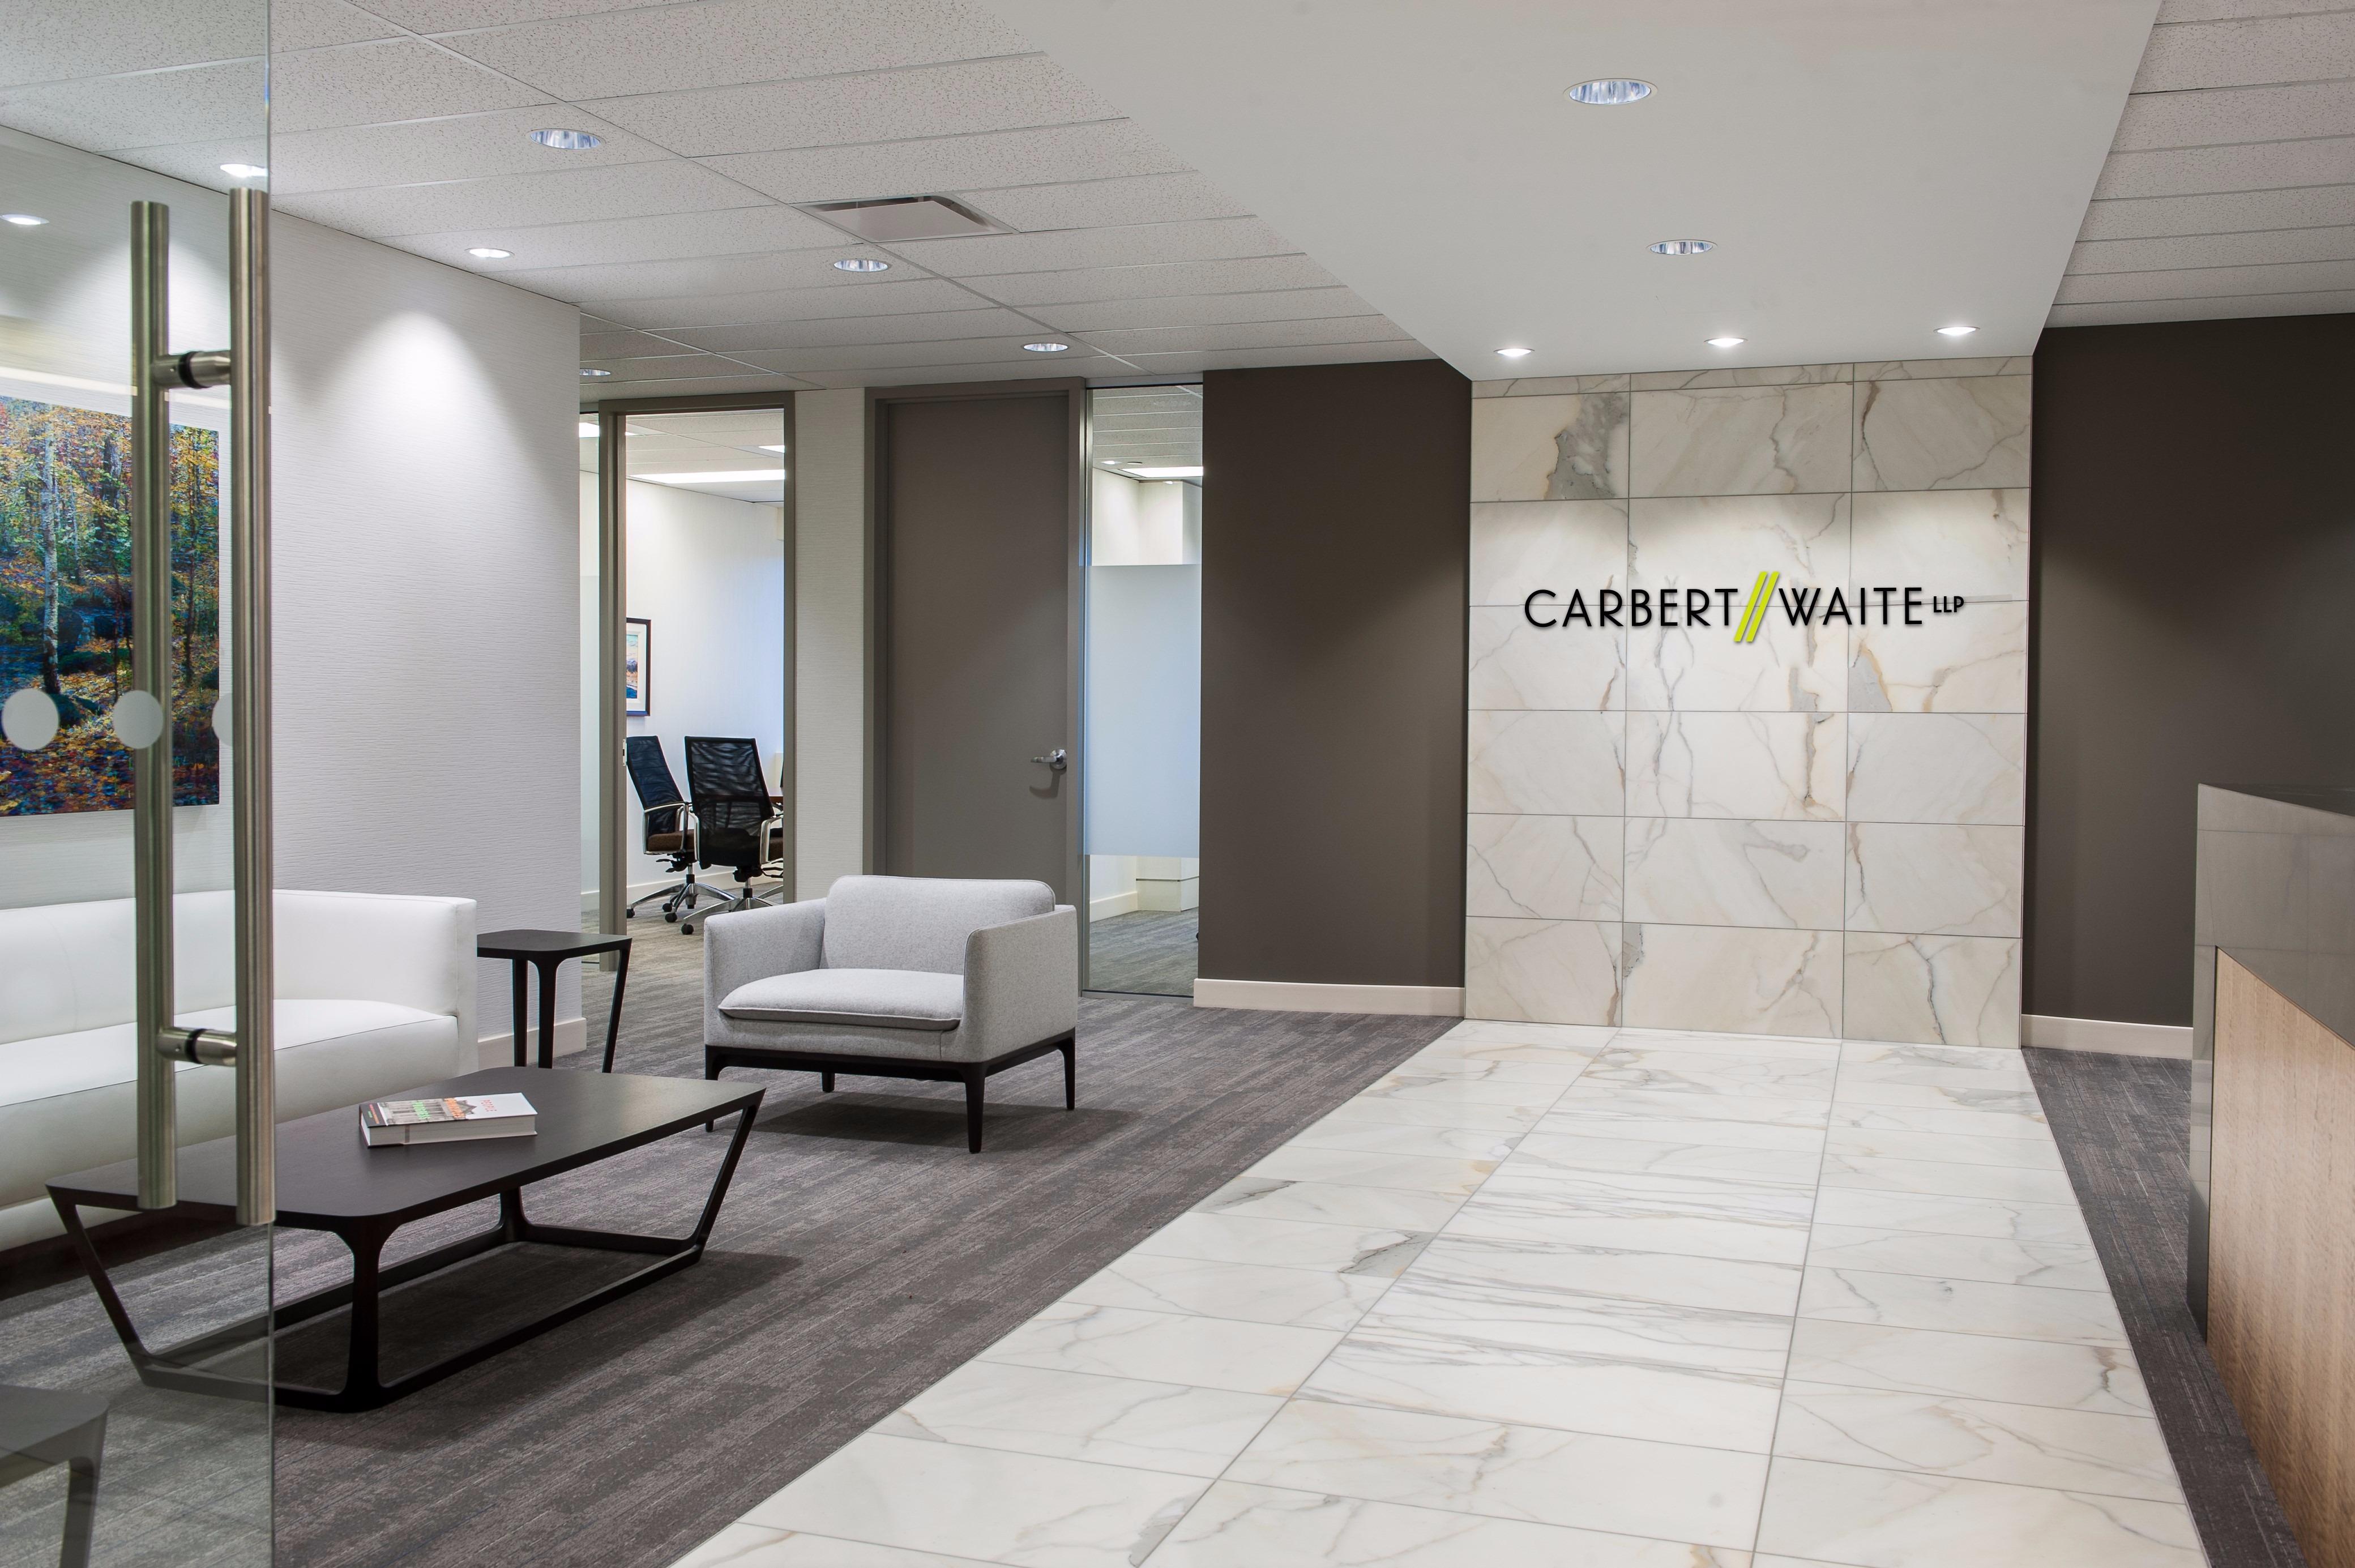 Carbert Waite LLP